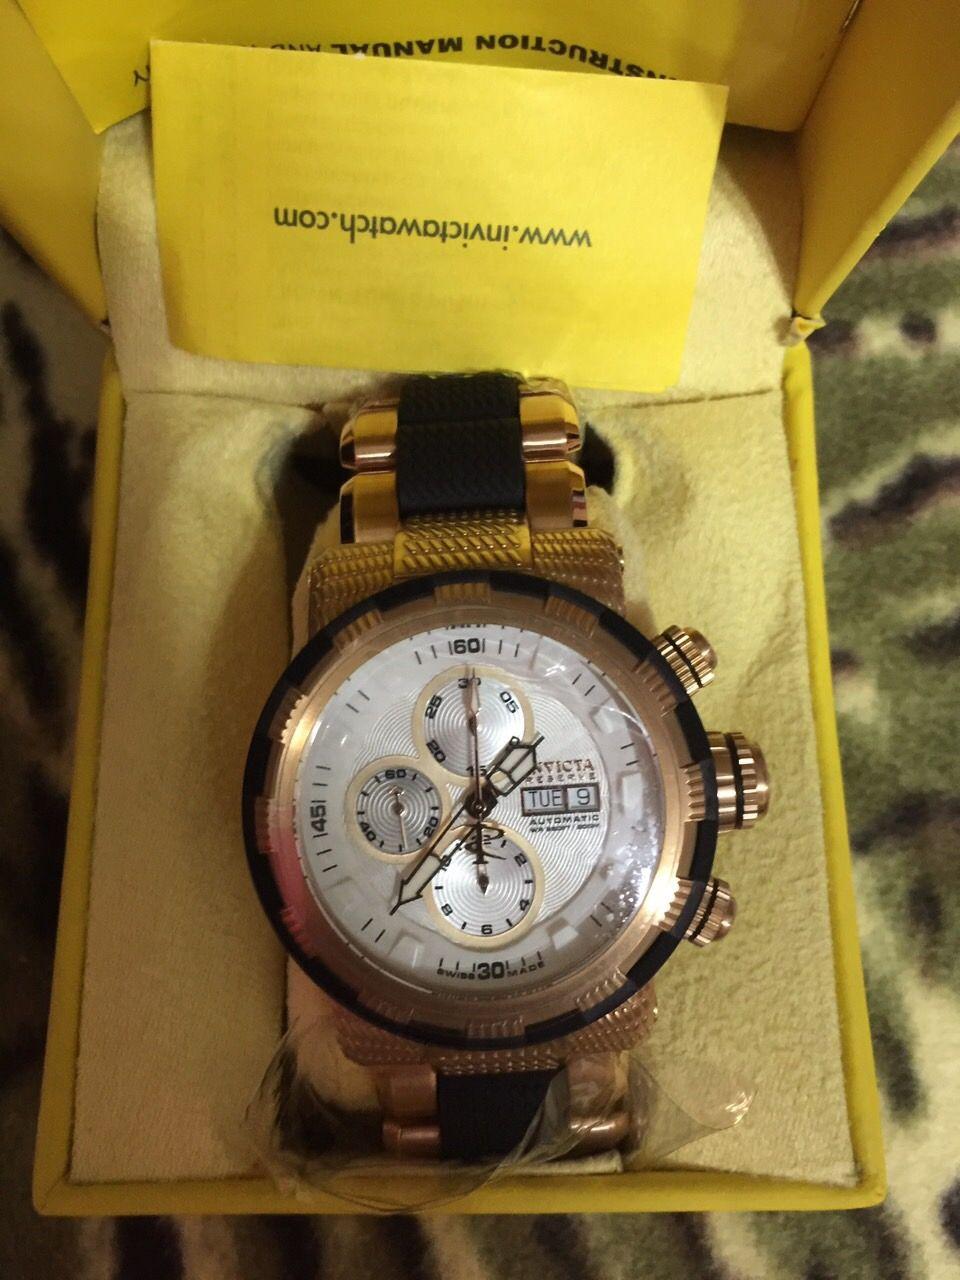 Invicta скупка часов констант фредерик продать часы